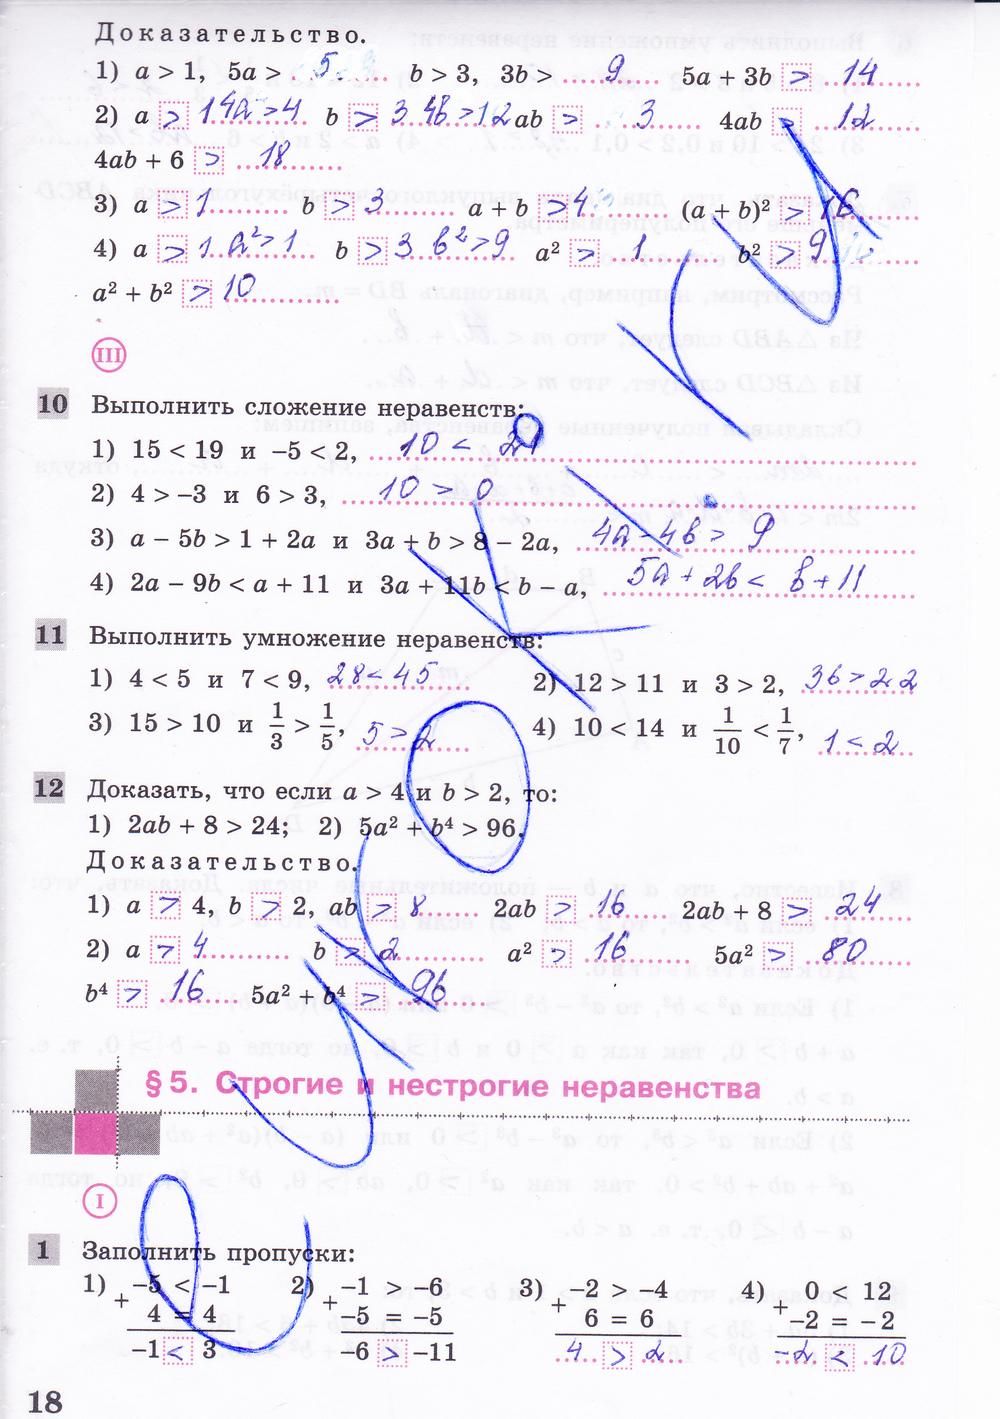 Гдз дидактические материалы по алгебре 8 класс колягин